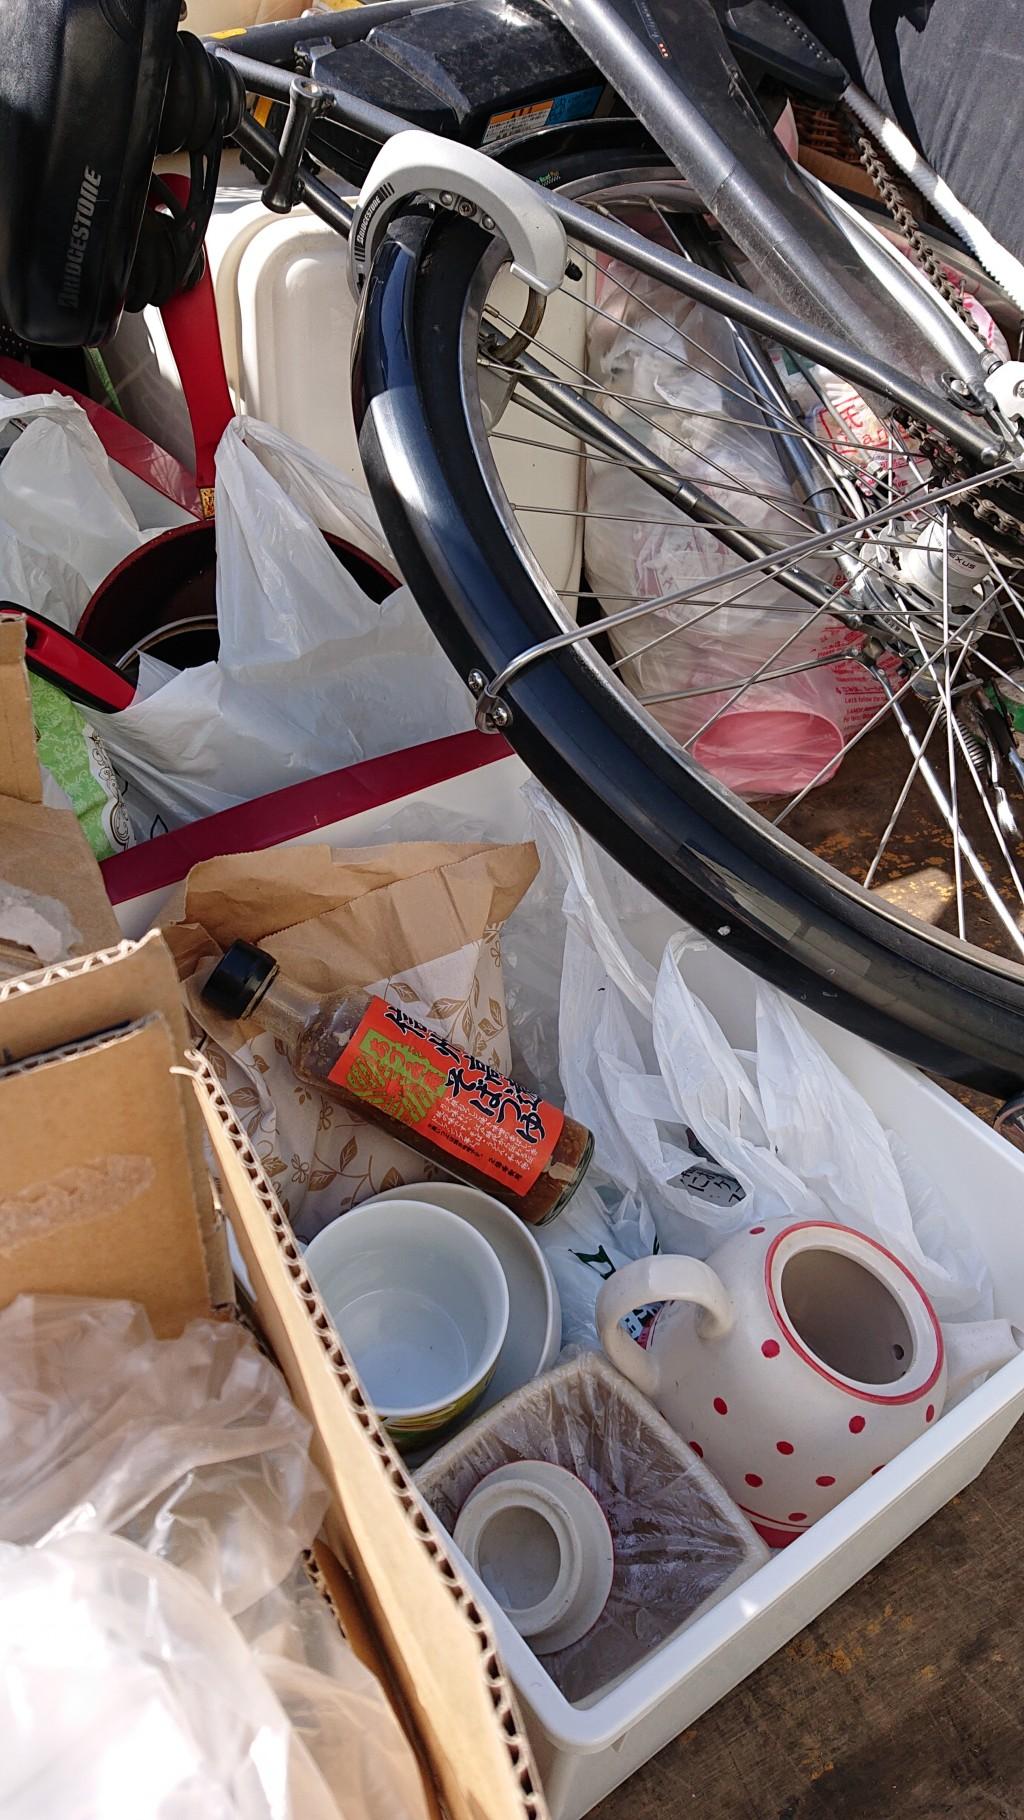 電動自転車のスピード回収!鍵のない自転車も処分できた、とご満足いただけました!